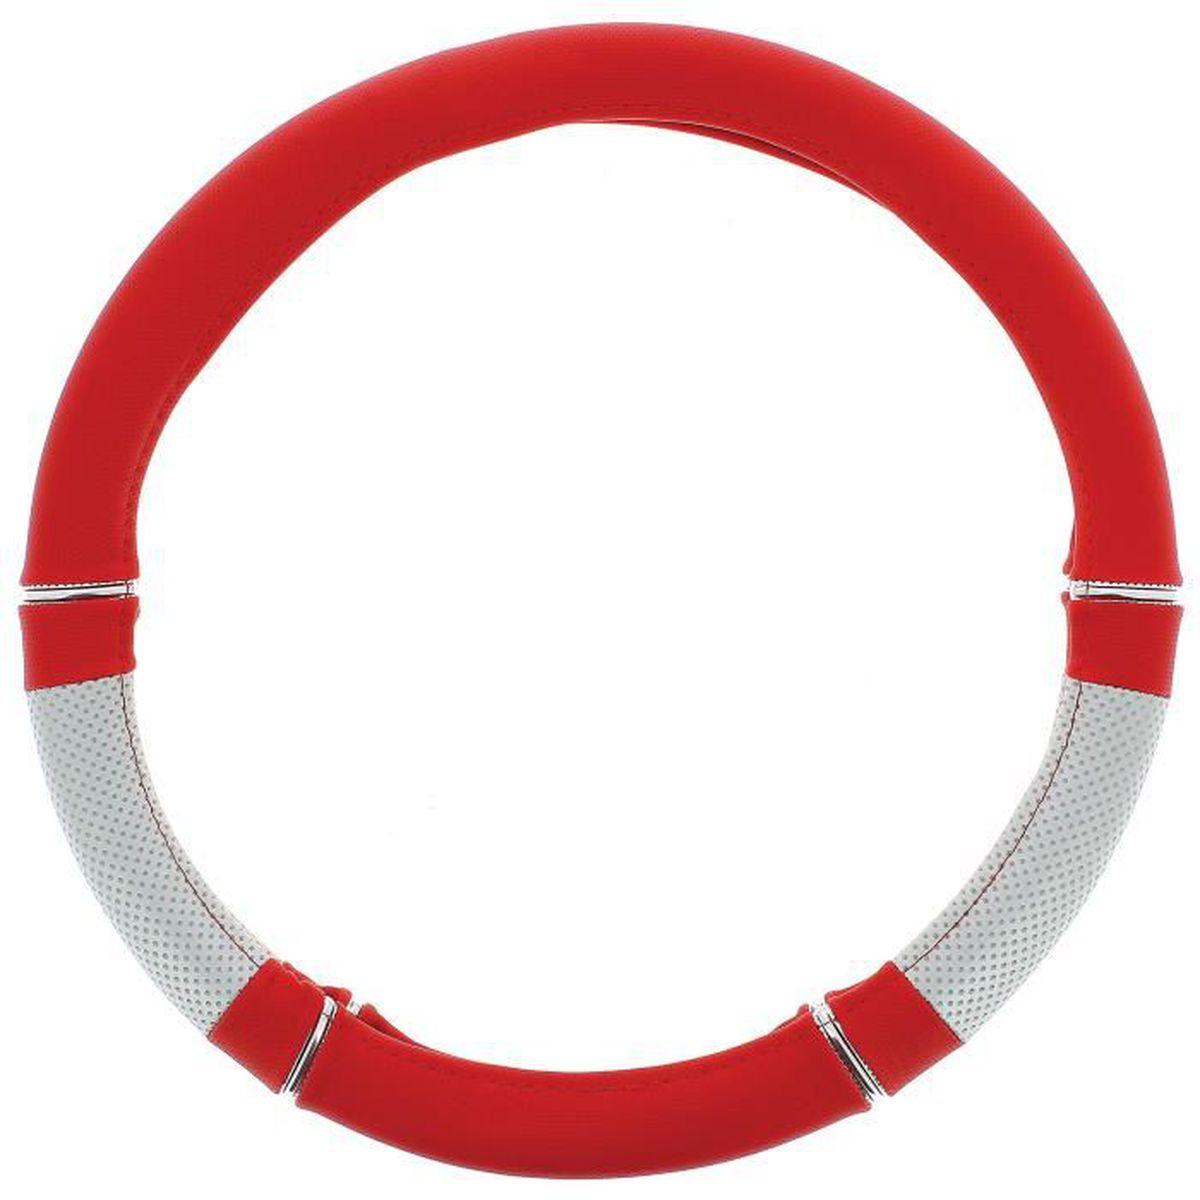 couvre volant PVC rouge/gris  vw eos - diamètre volant 37/39cm